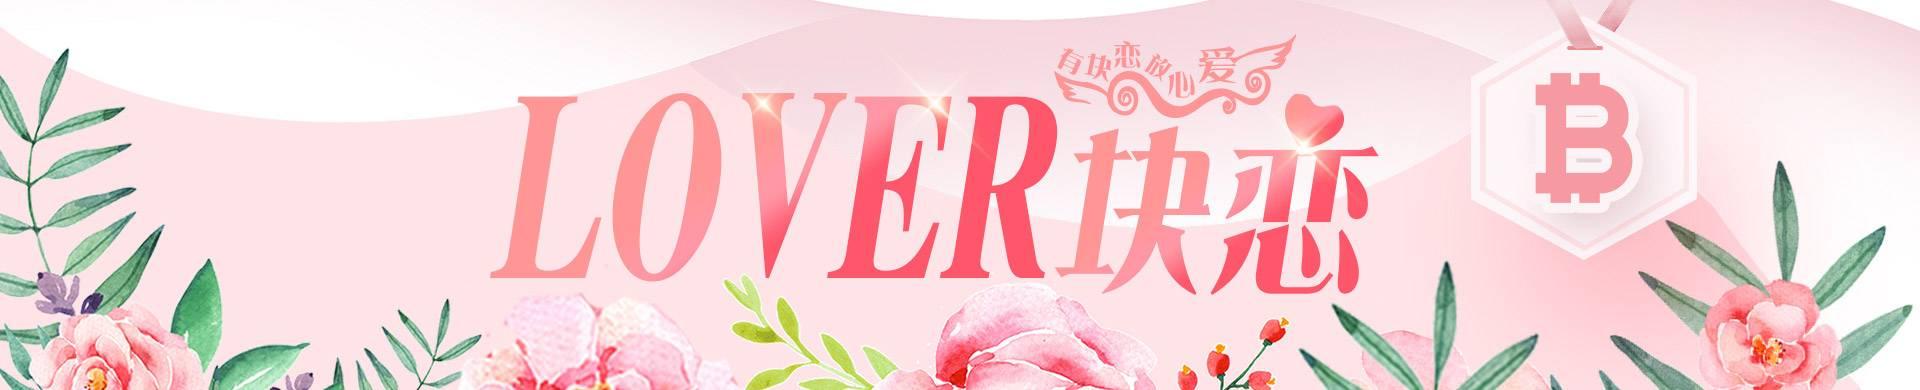 Lover-块恋